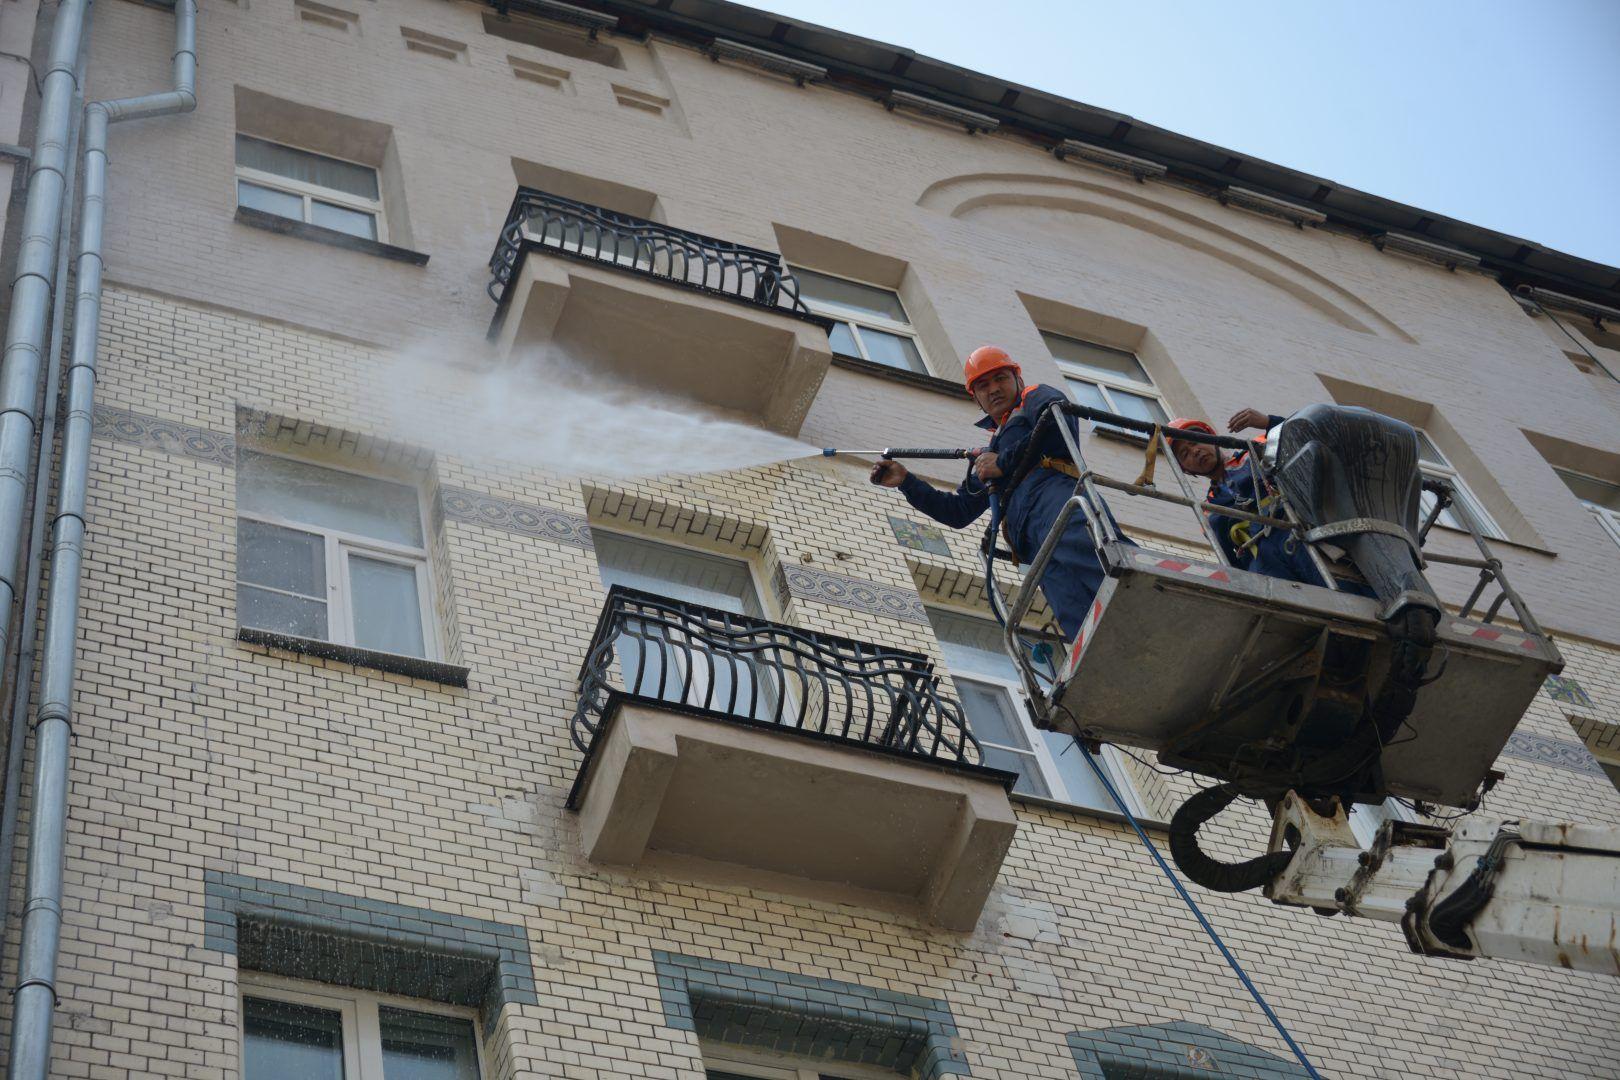 Работы проводят по программе благоустройства. Фото: Наталья Феоктистова, «Вечерняя Москва»